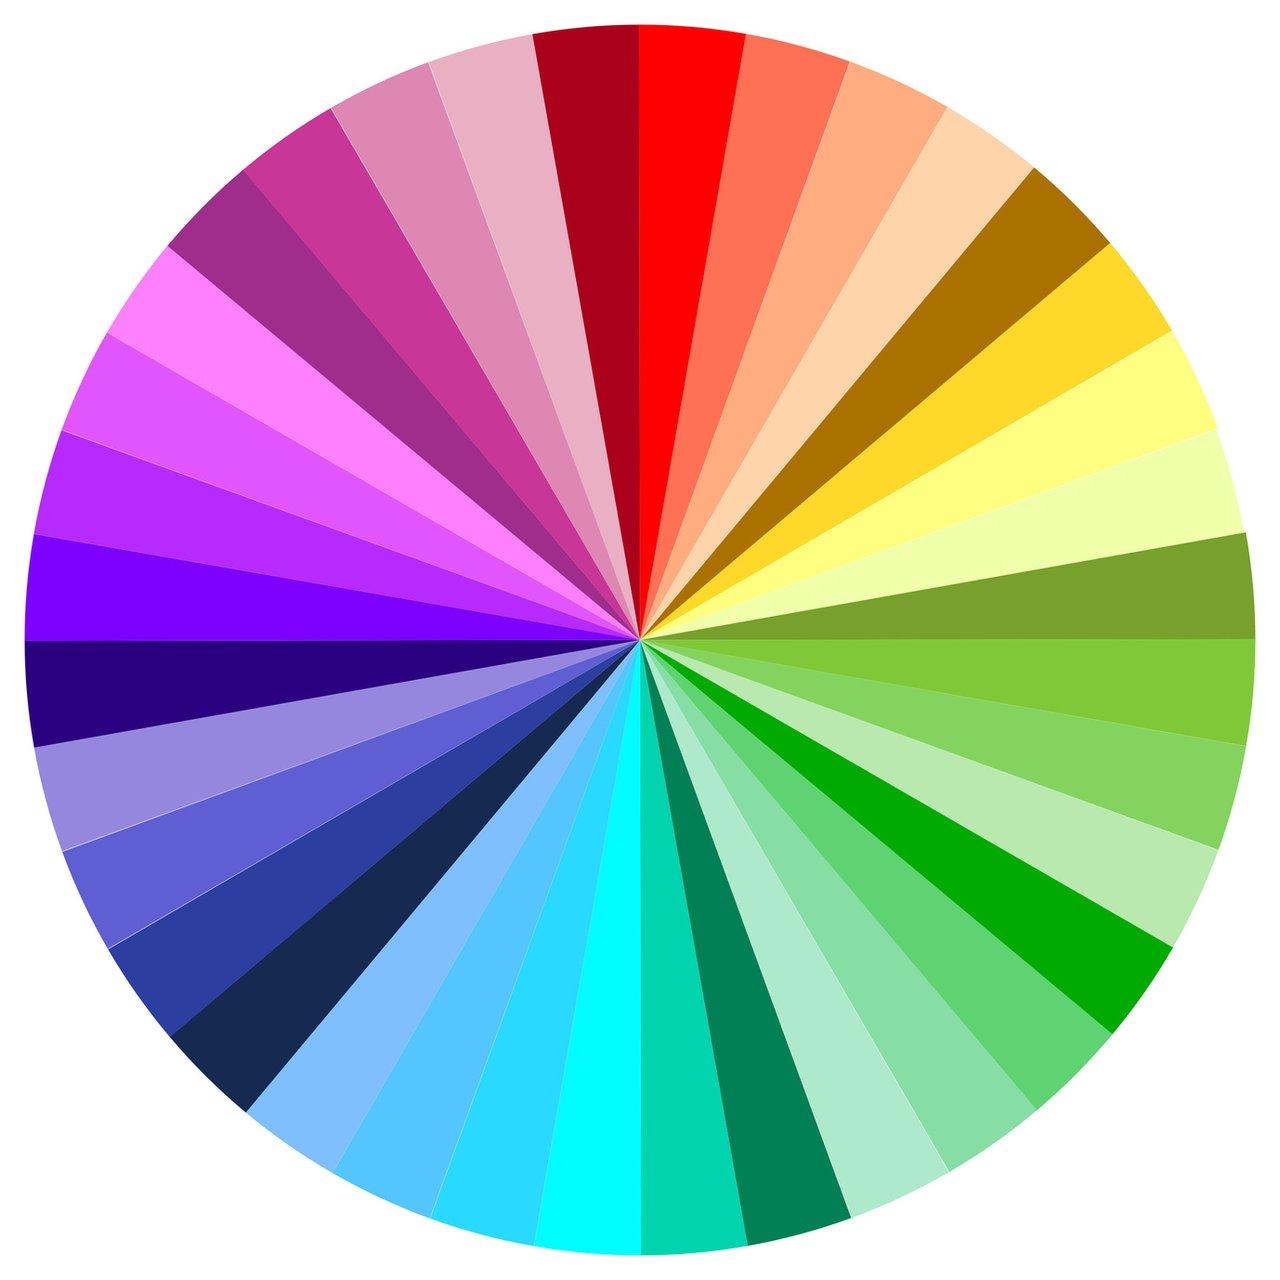 Schon Welche Farbe Soll Es Sein?